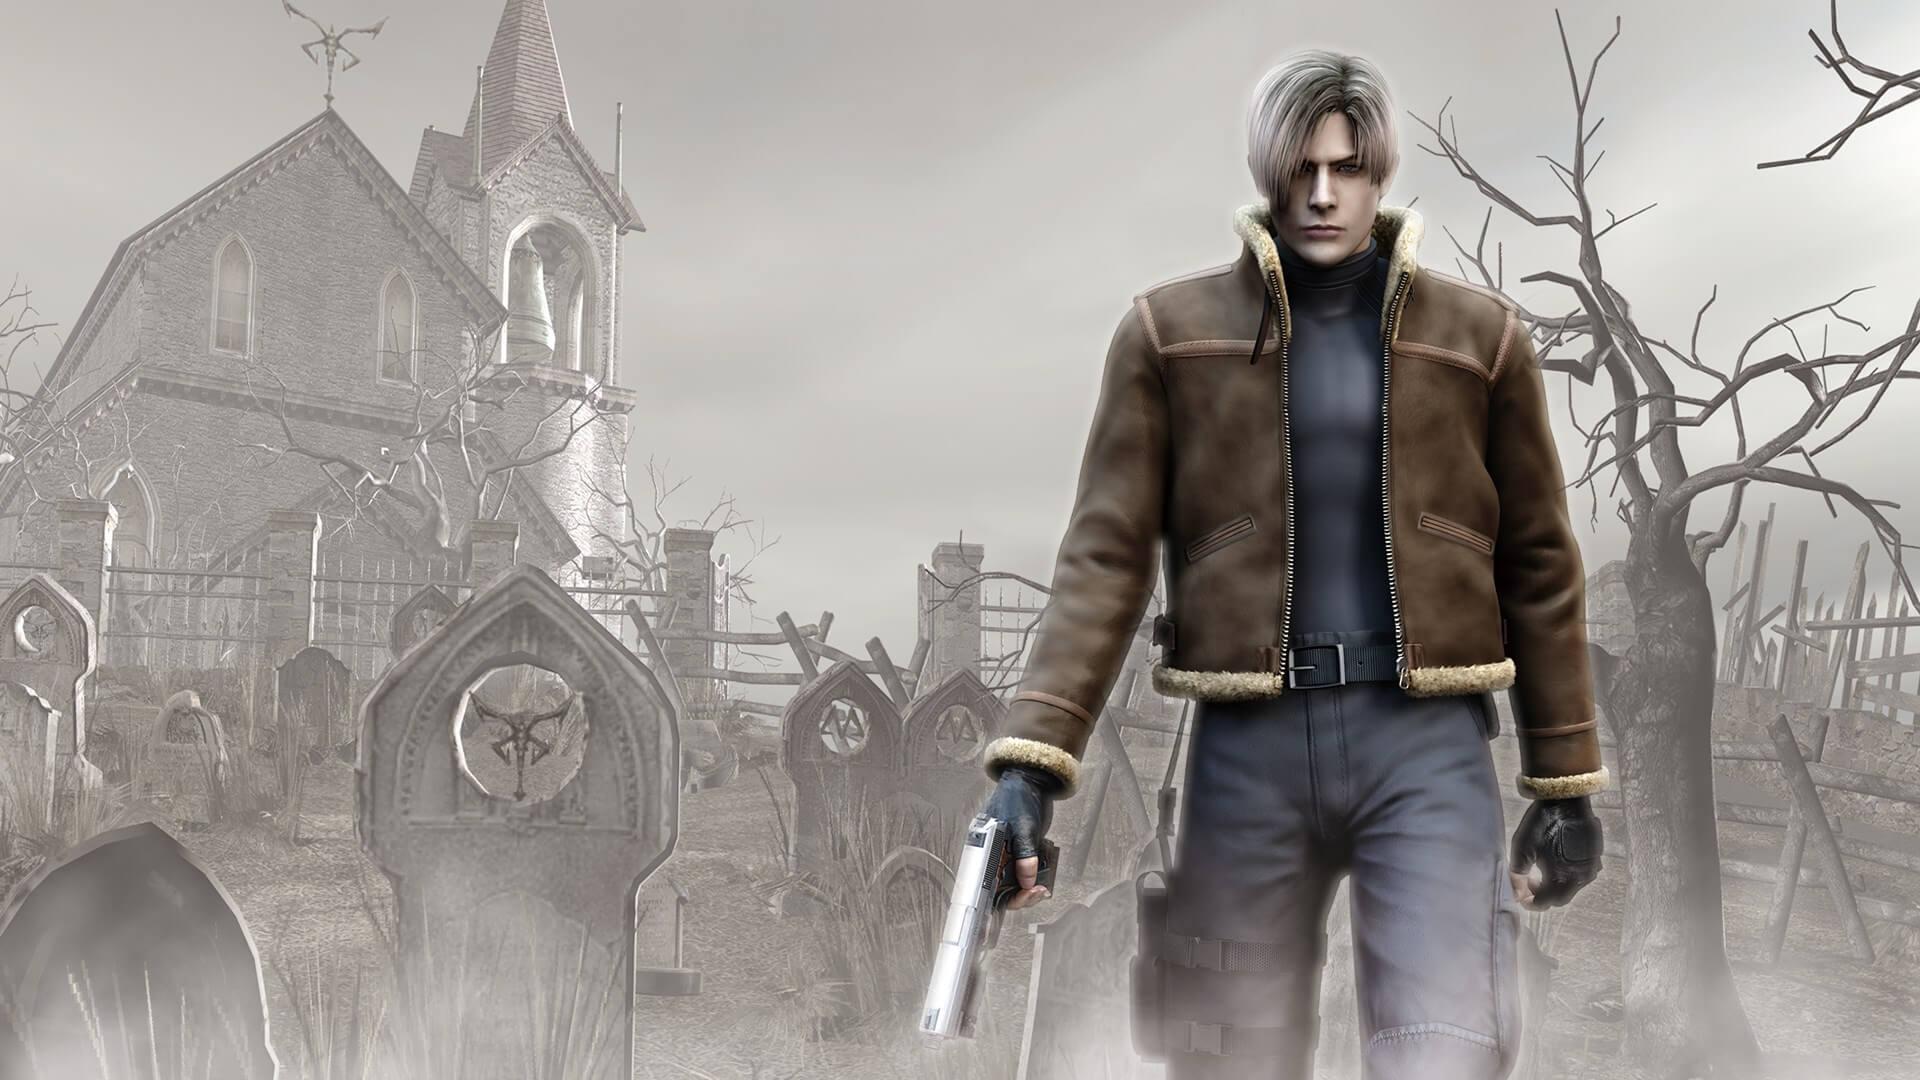 Vídeo promocional de PlayStation hace una referencia a Resident Evil 4 Remake